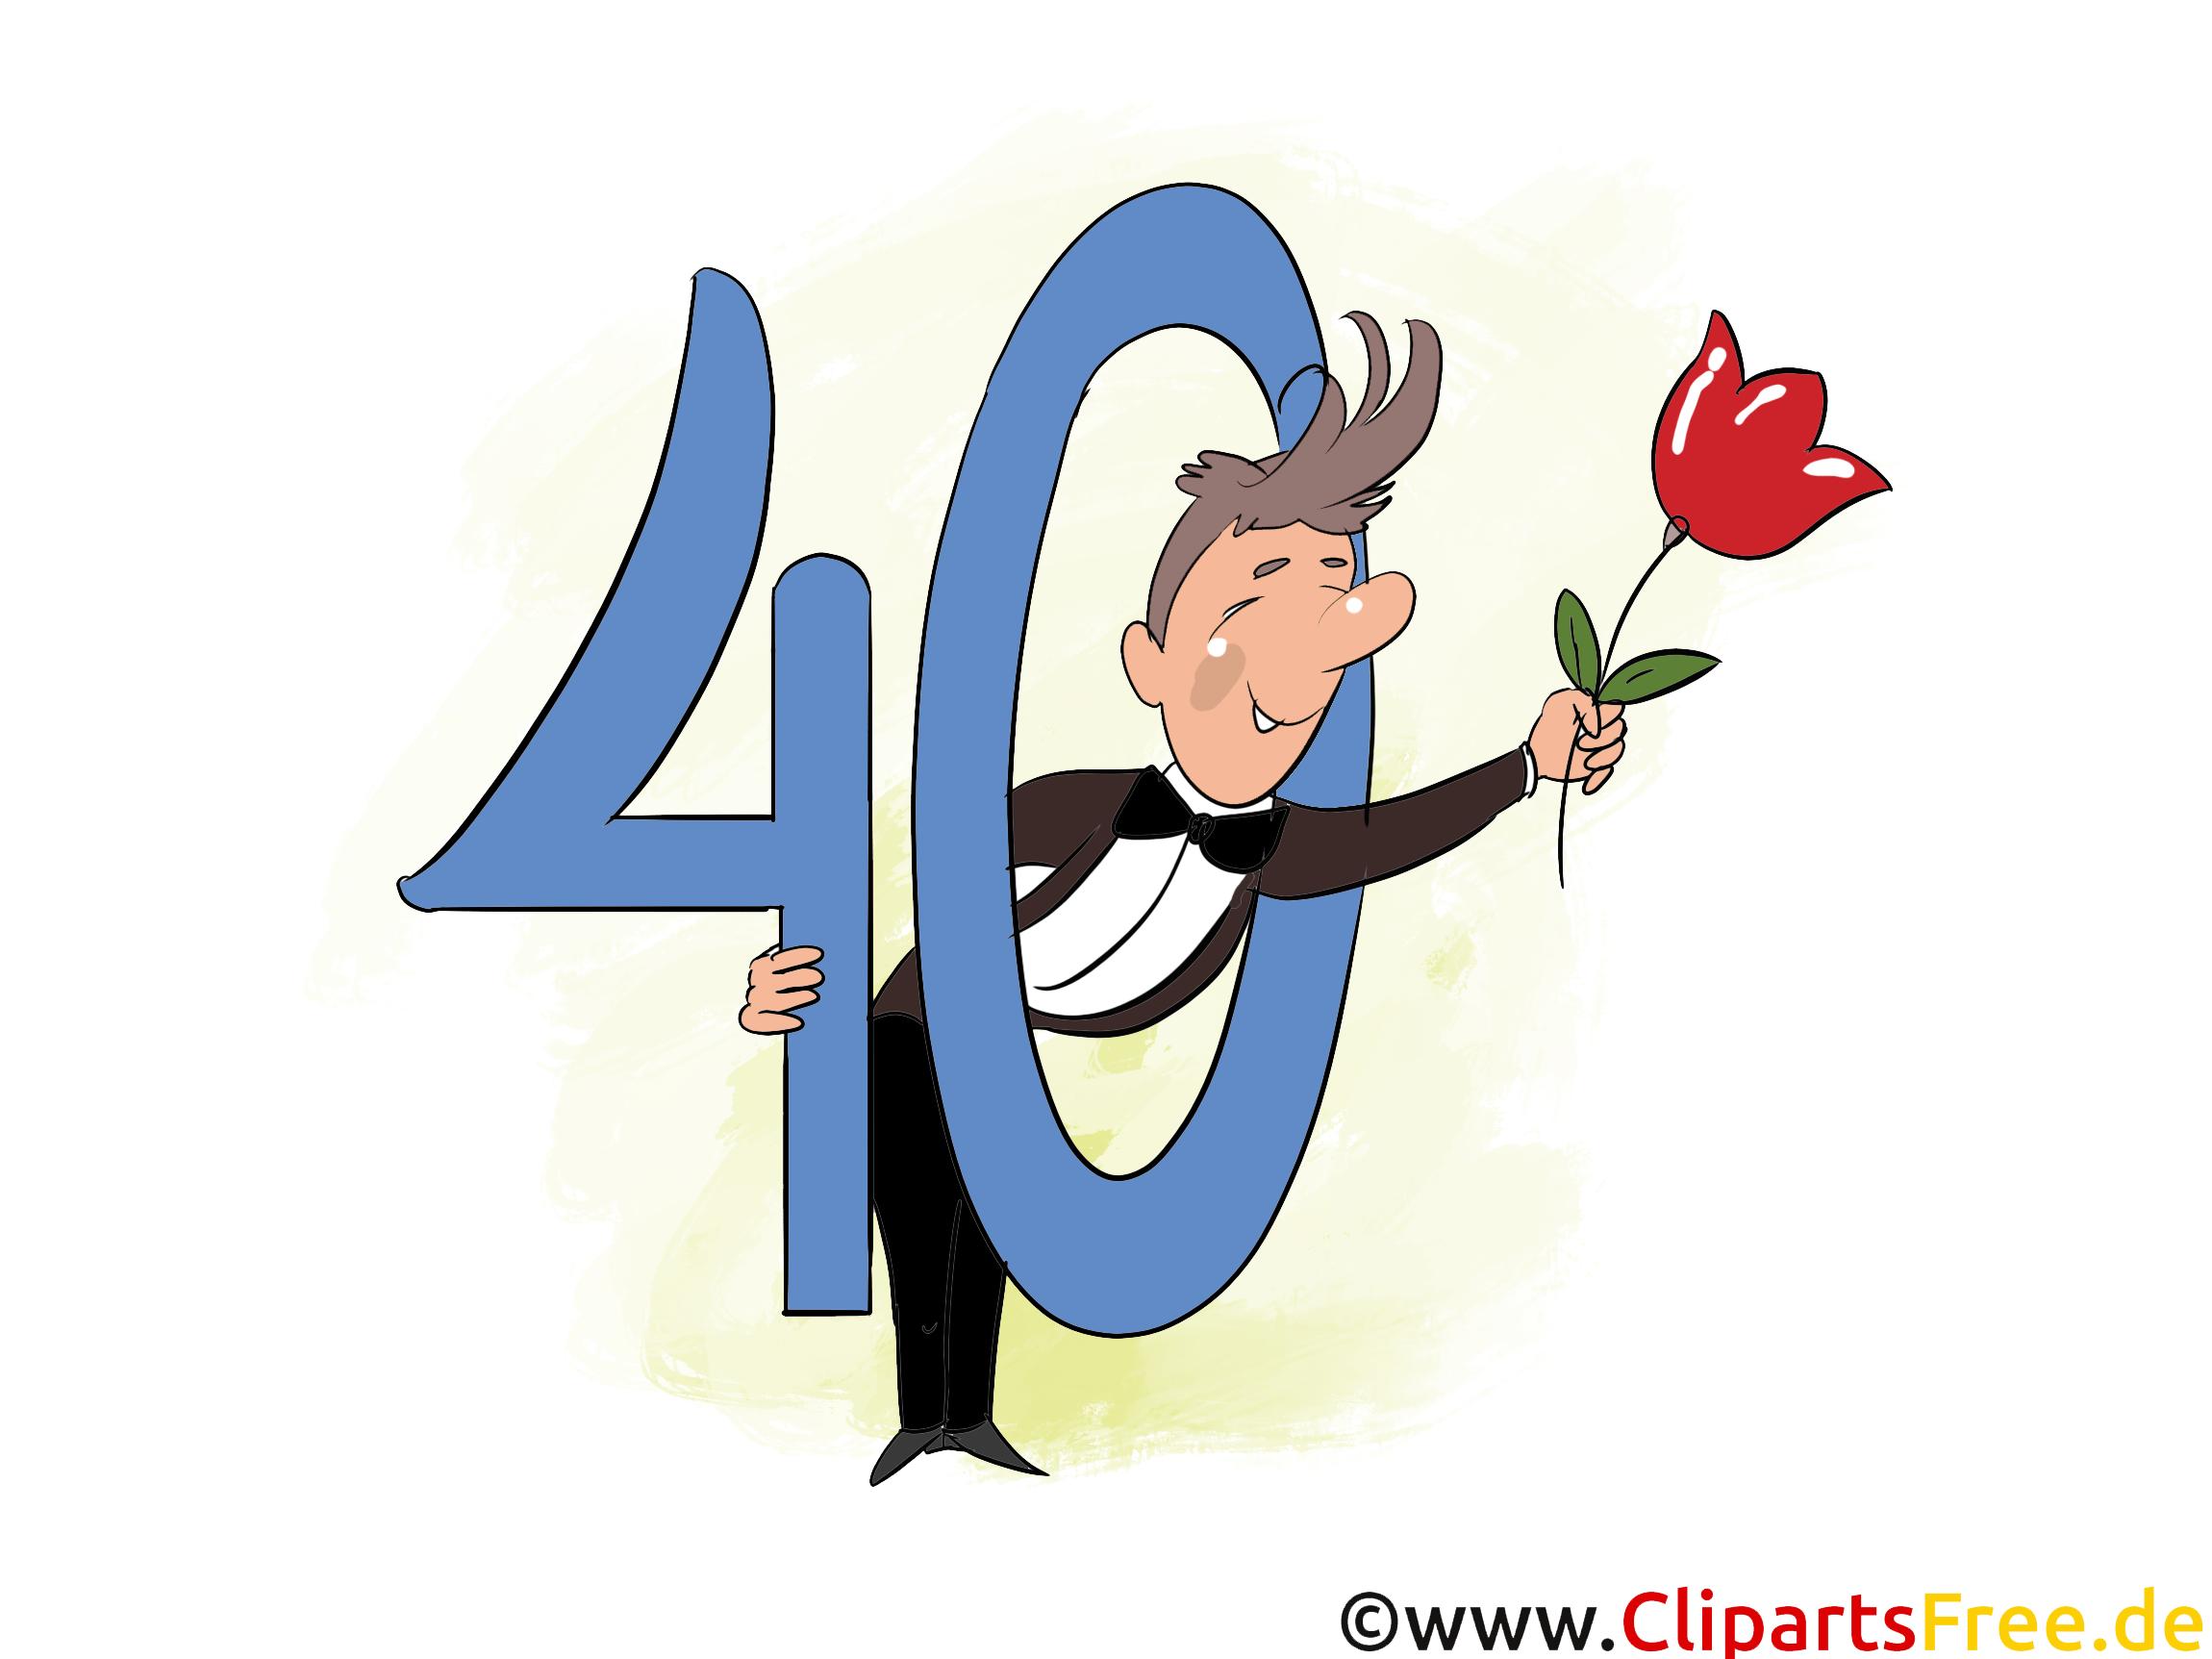 Glckwnsche zum geburtstag clipart clip library download e-Card 40 Jahre Geburtstagsgruss, Glückwunsch, Gratulation ... clip library download